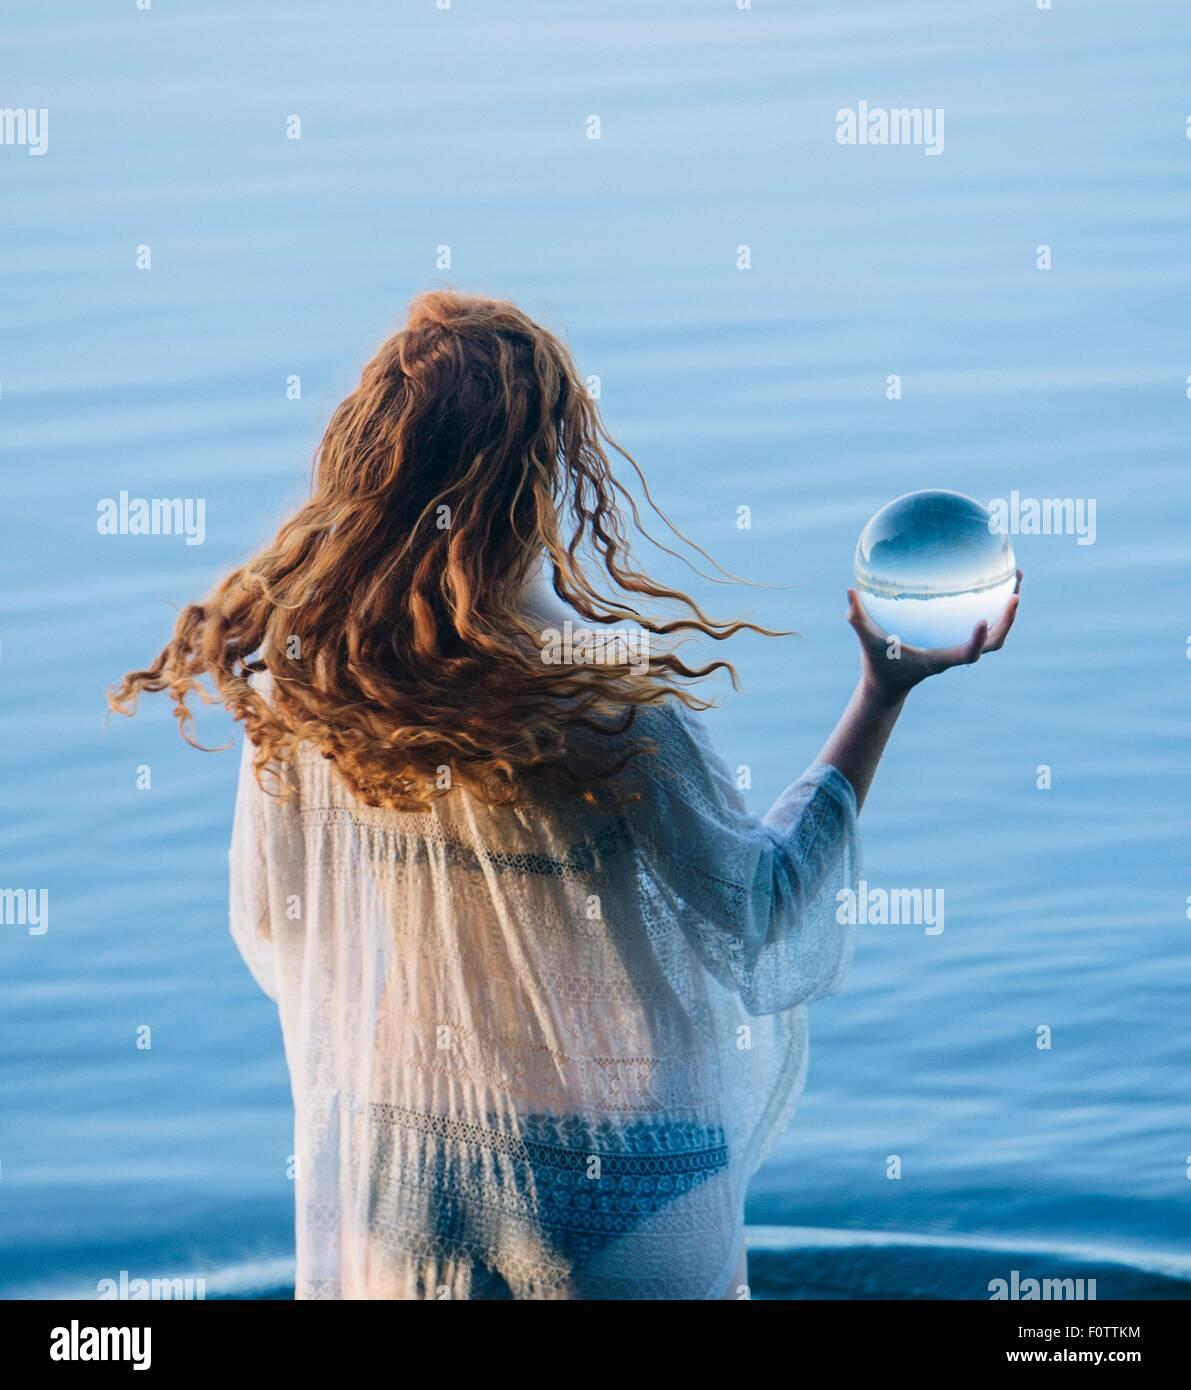 Vista posteriore della giovane donna con lunghi capelli rossi in piedi nel lago azienda sfera di cristallo Immagini Stock